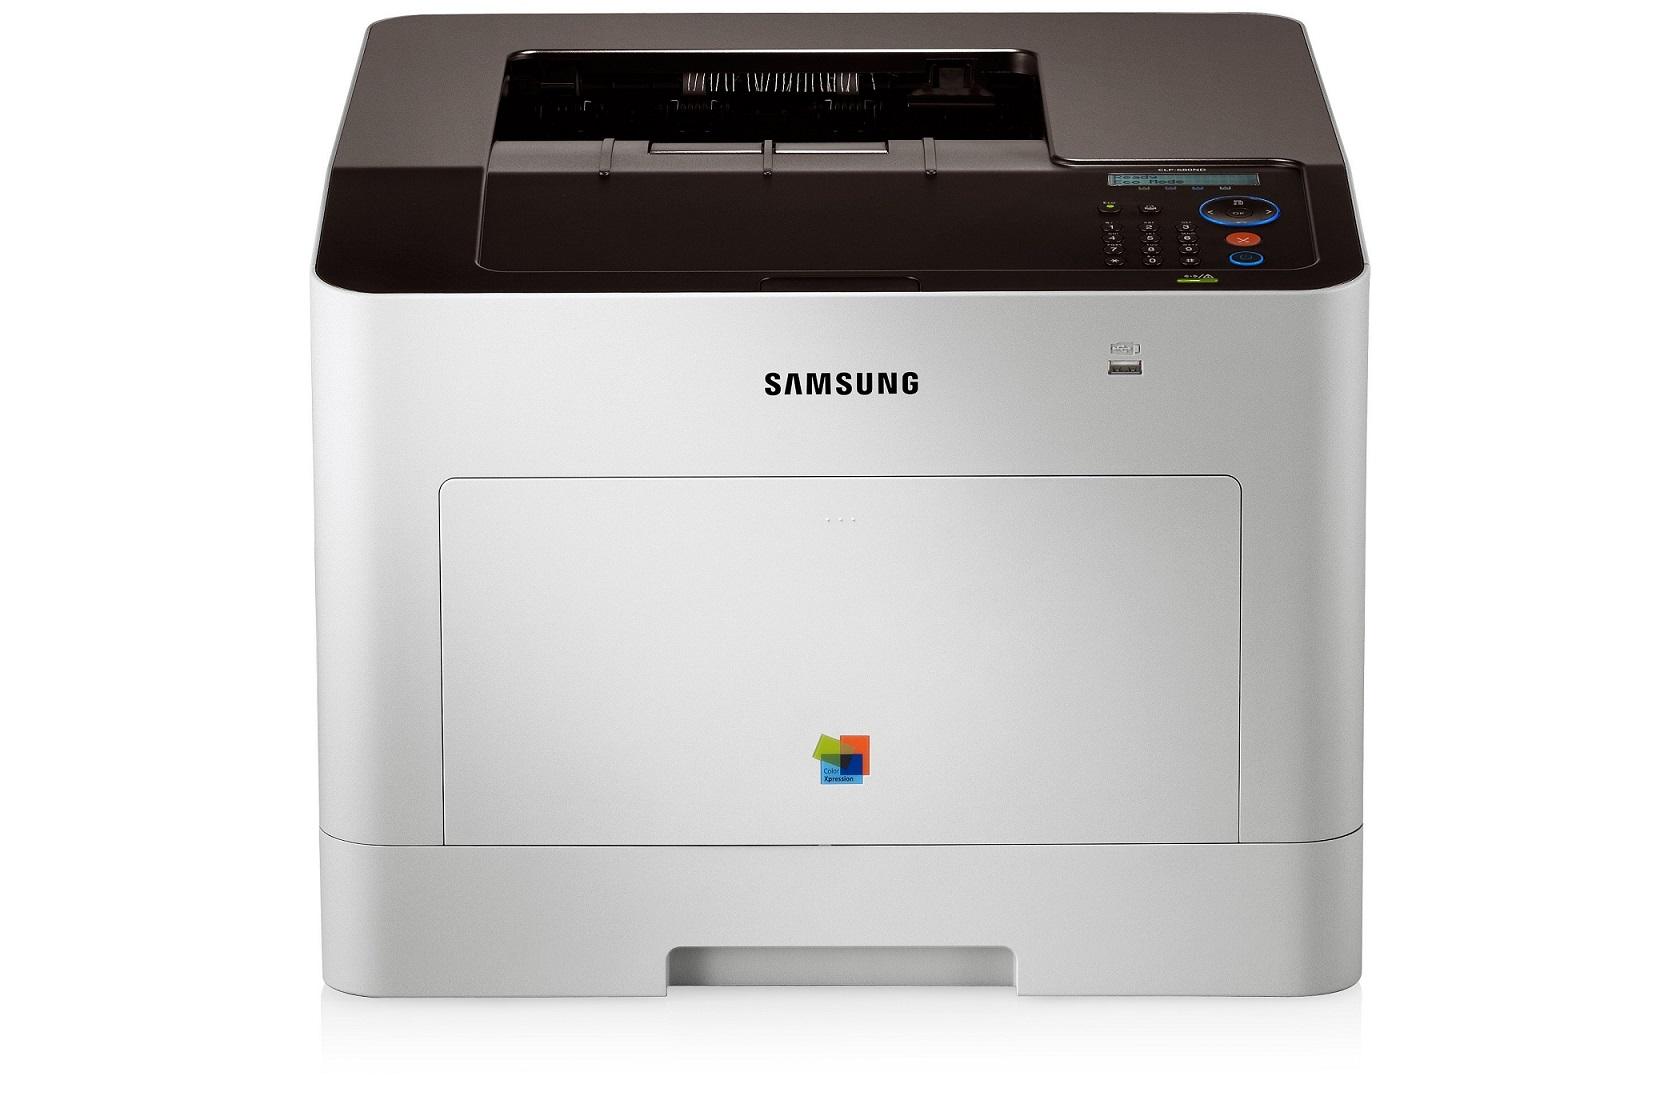 Samsung CLP-680DW/SEE, A4, 24ppm, 9600/600 dpi, 256MB, USB 2.0, ADF, NET, Wi-Fi